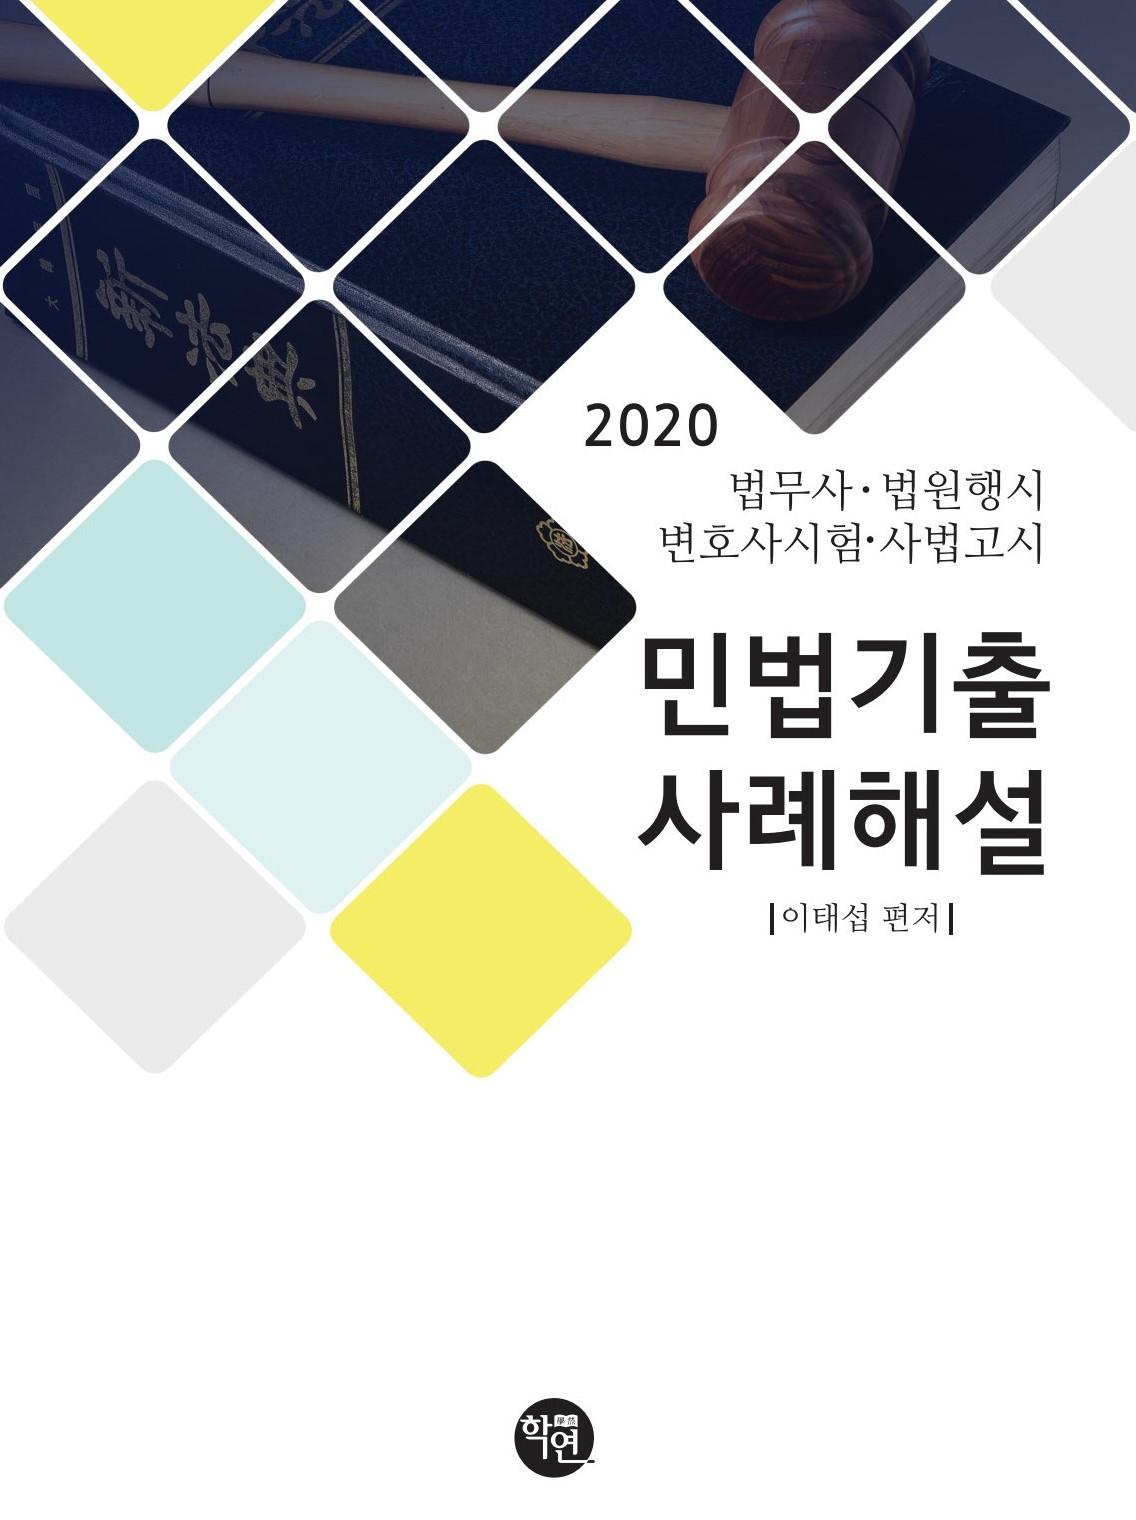 [법무사] 2020 법무사 시험 대비 민법기출 사례해설 (이태섭 저)